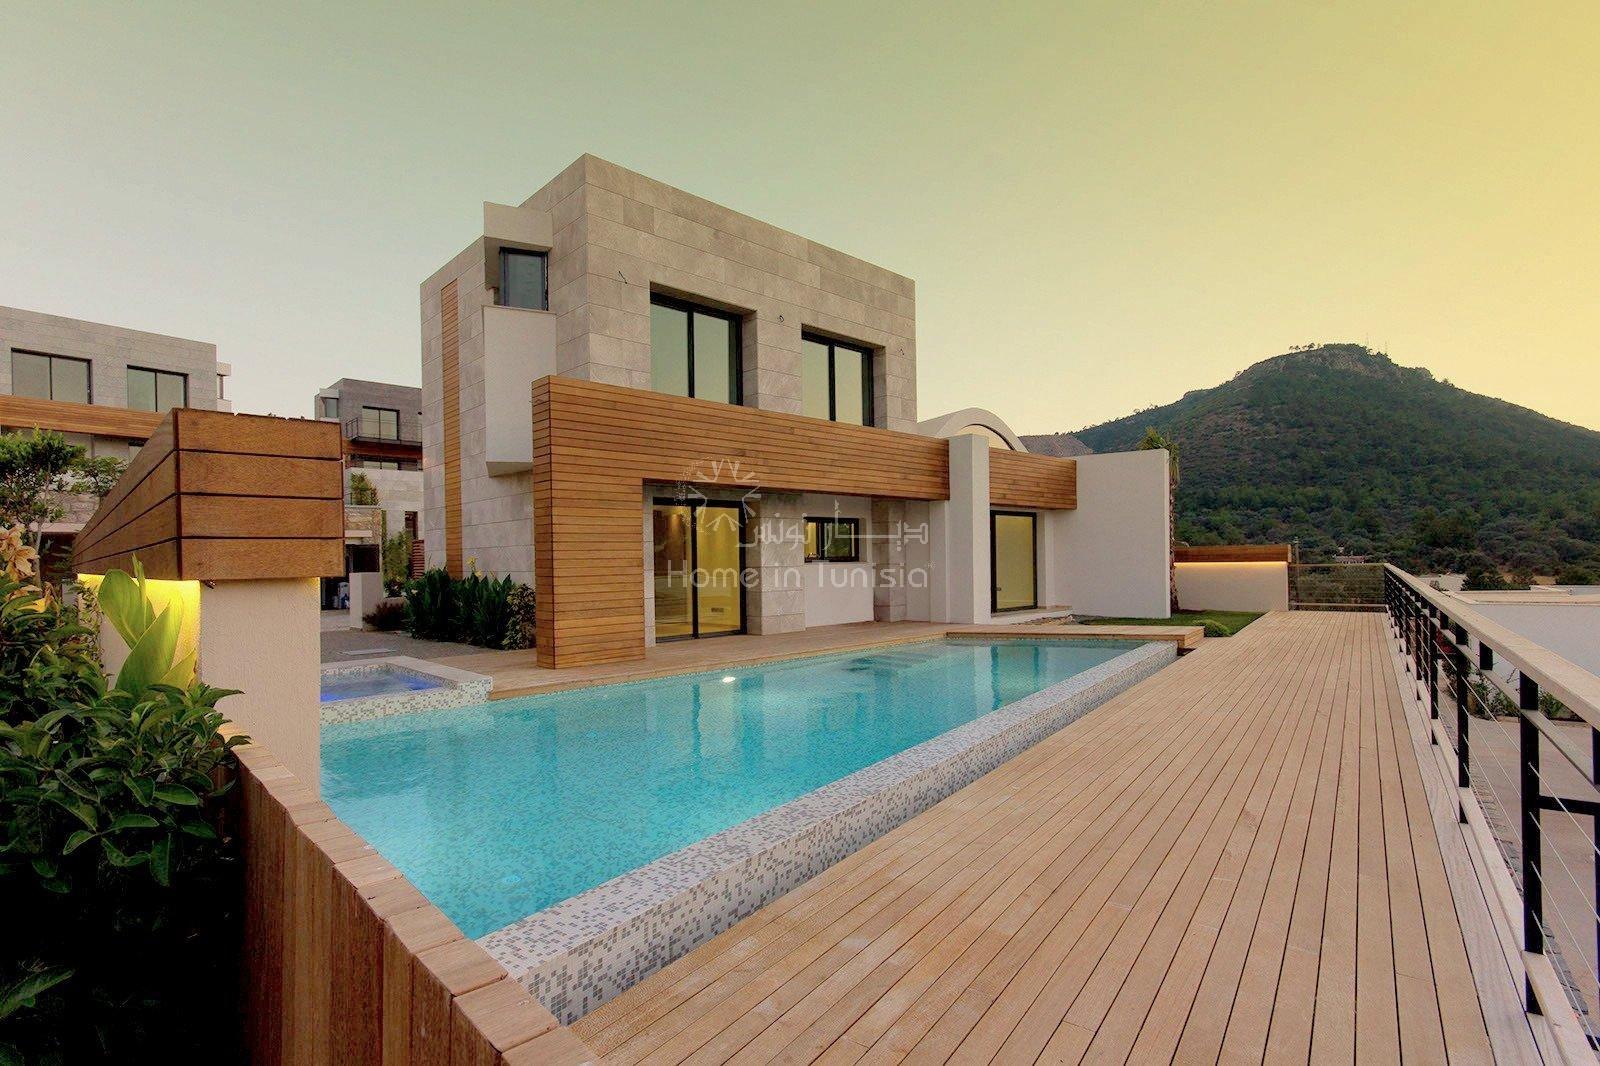 Ensemble de 12 villas de luxe avec piscine et vue panoramique mer